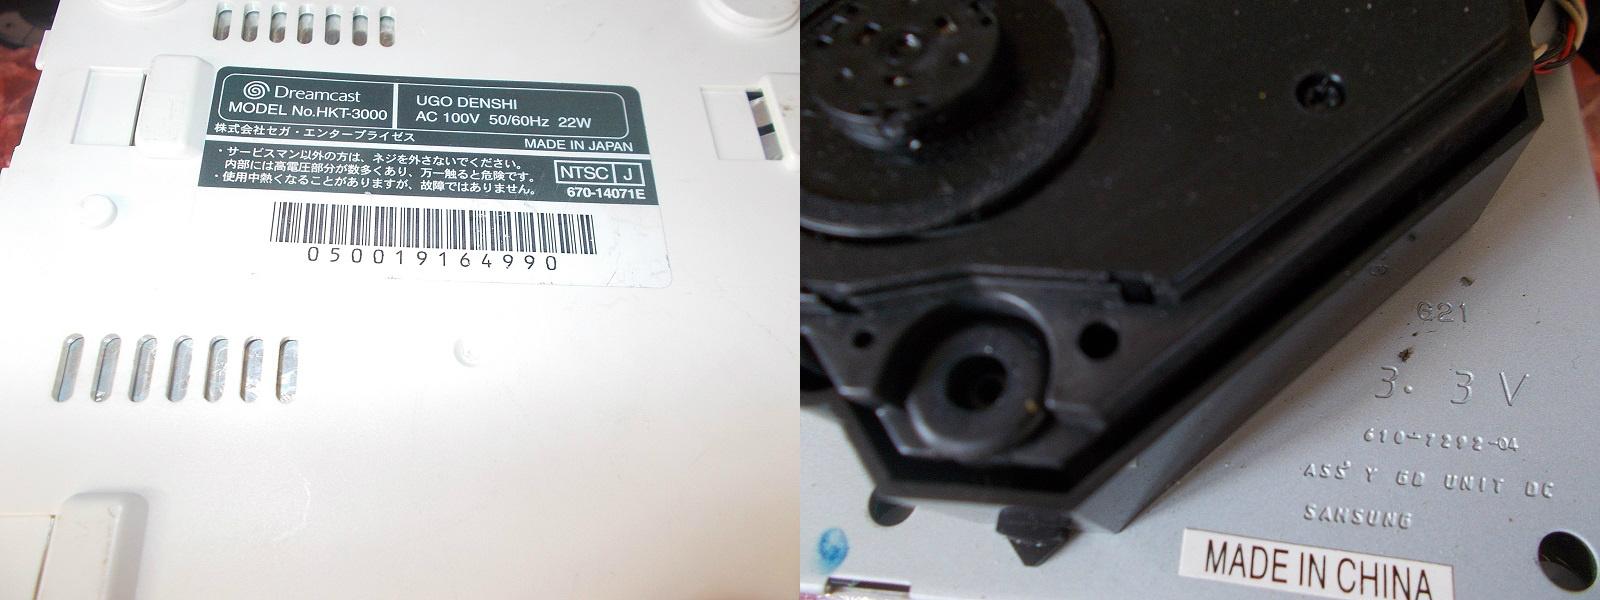 Sega Dreamcast (model HKT-3000) repair log – JAMMArcade net